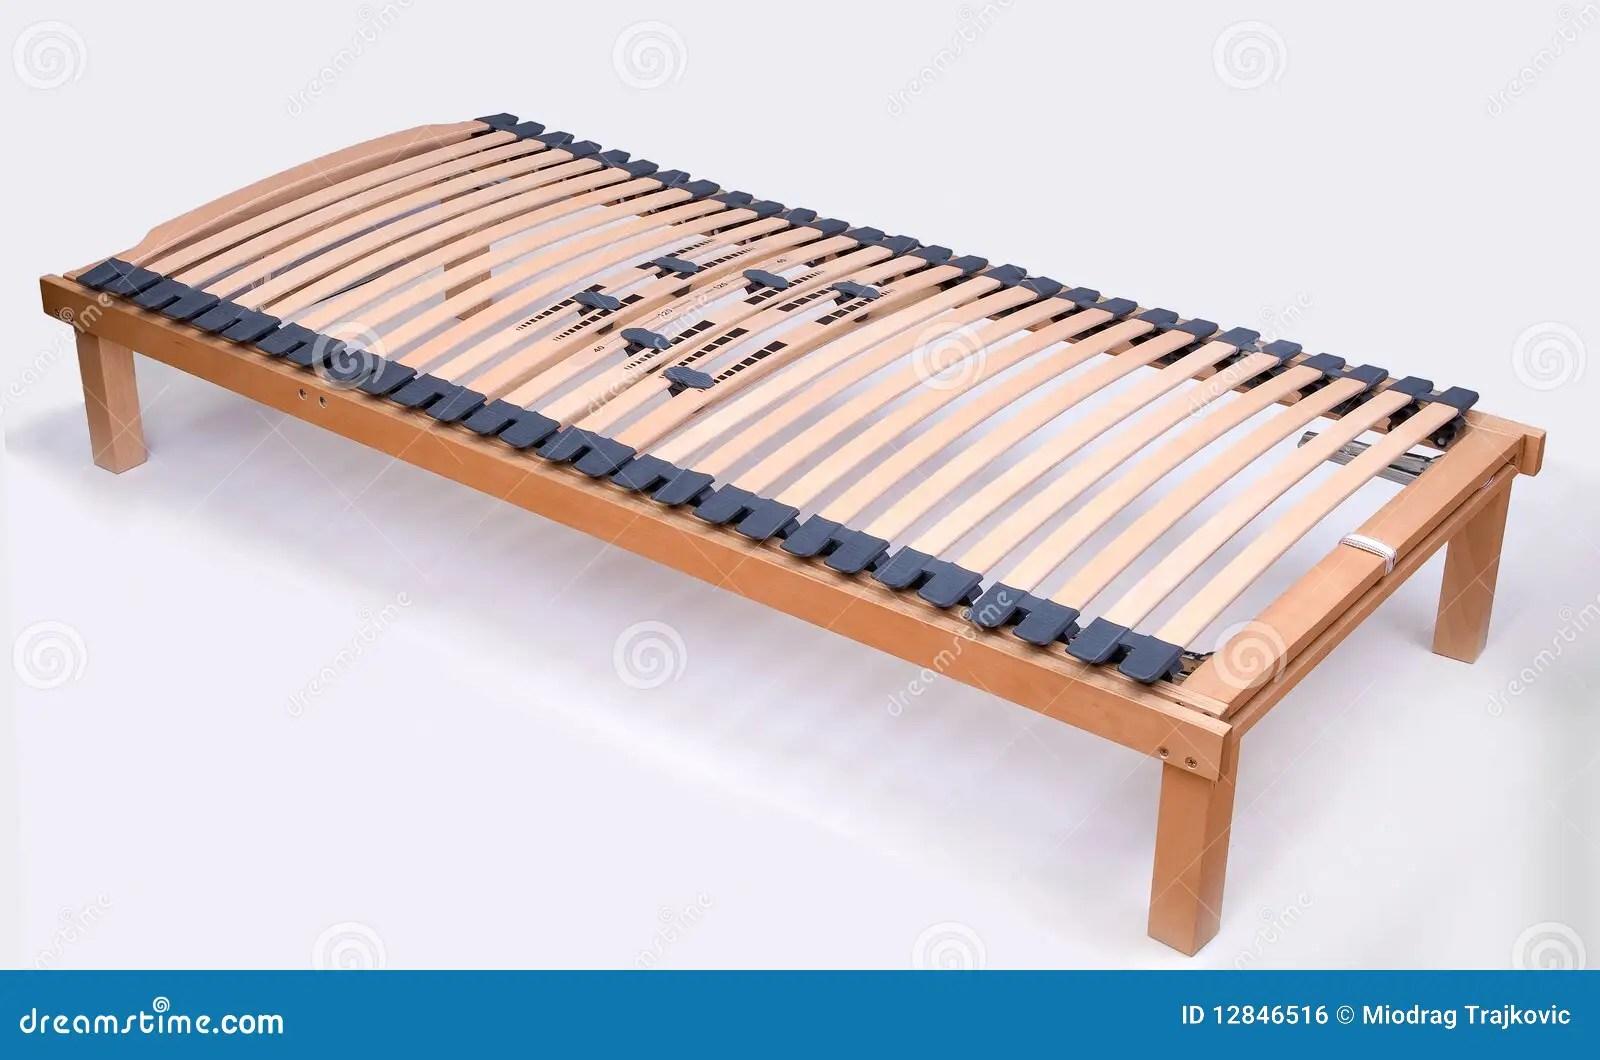 Latoflex Birch Wood Slats Stock Photo Image 12846516